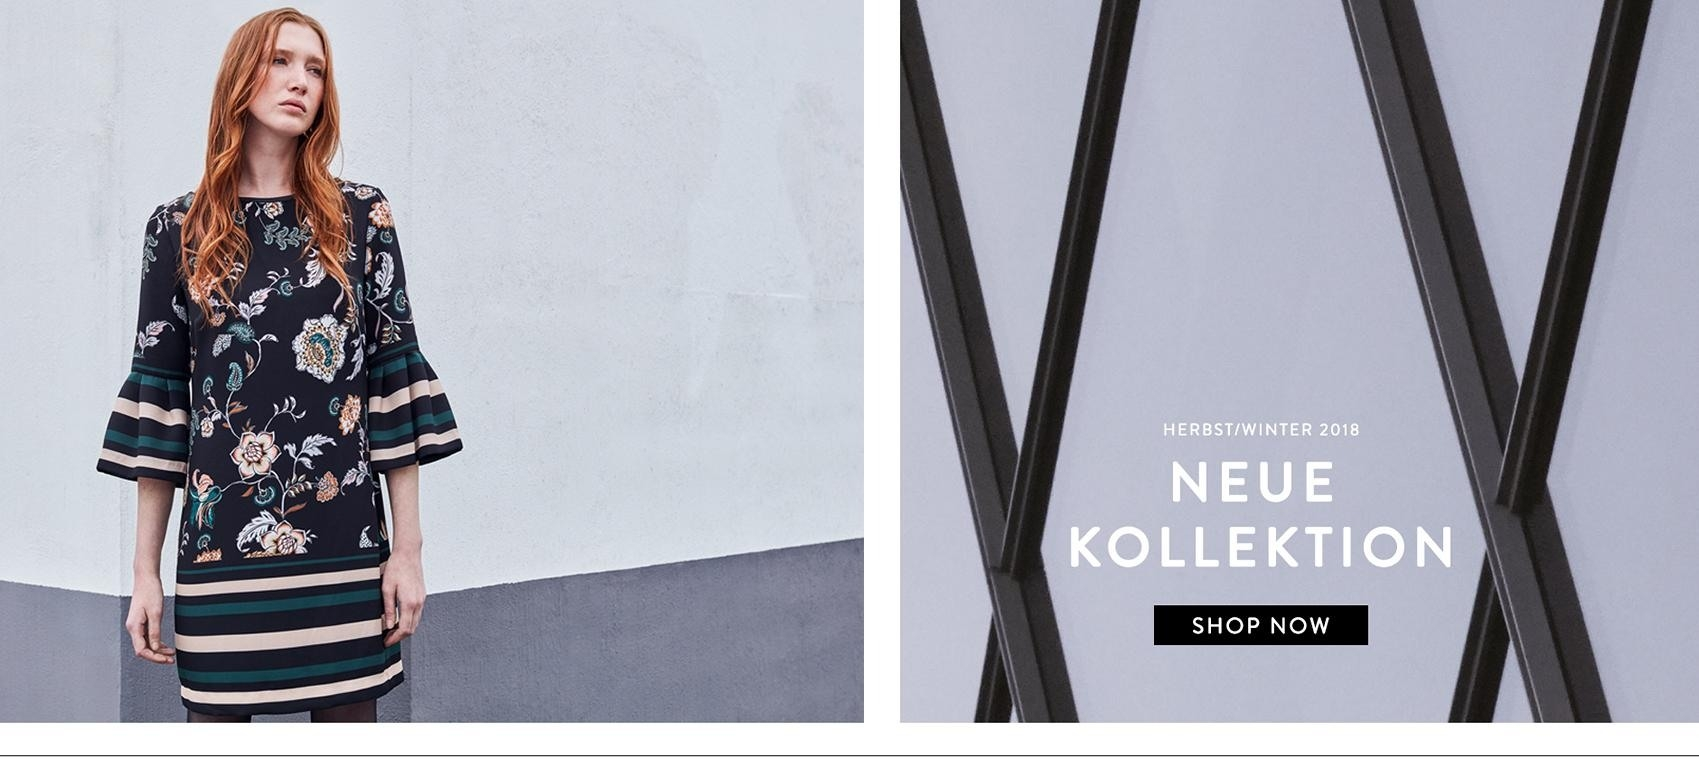 Designer Luxus Moderne Elegante Kleider Stylish20 Luxurius Moderne Elegante Kleider Stylish